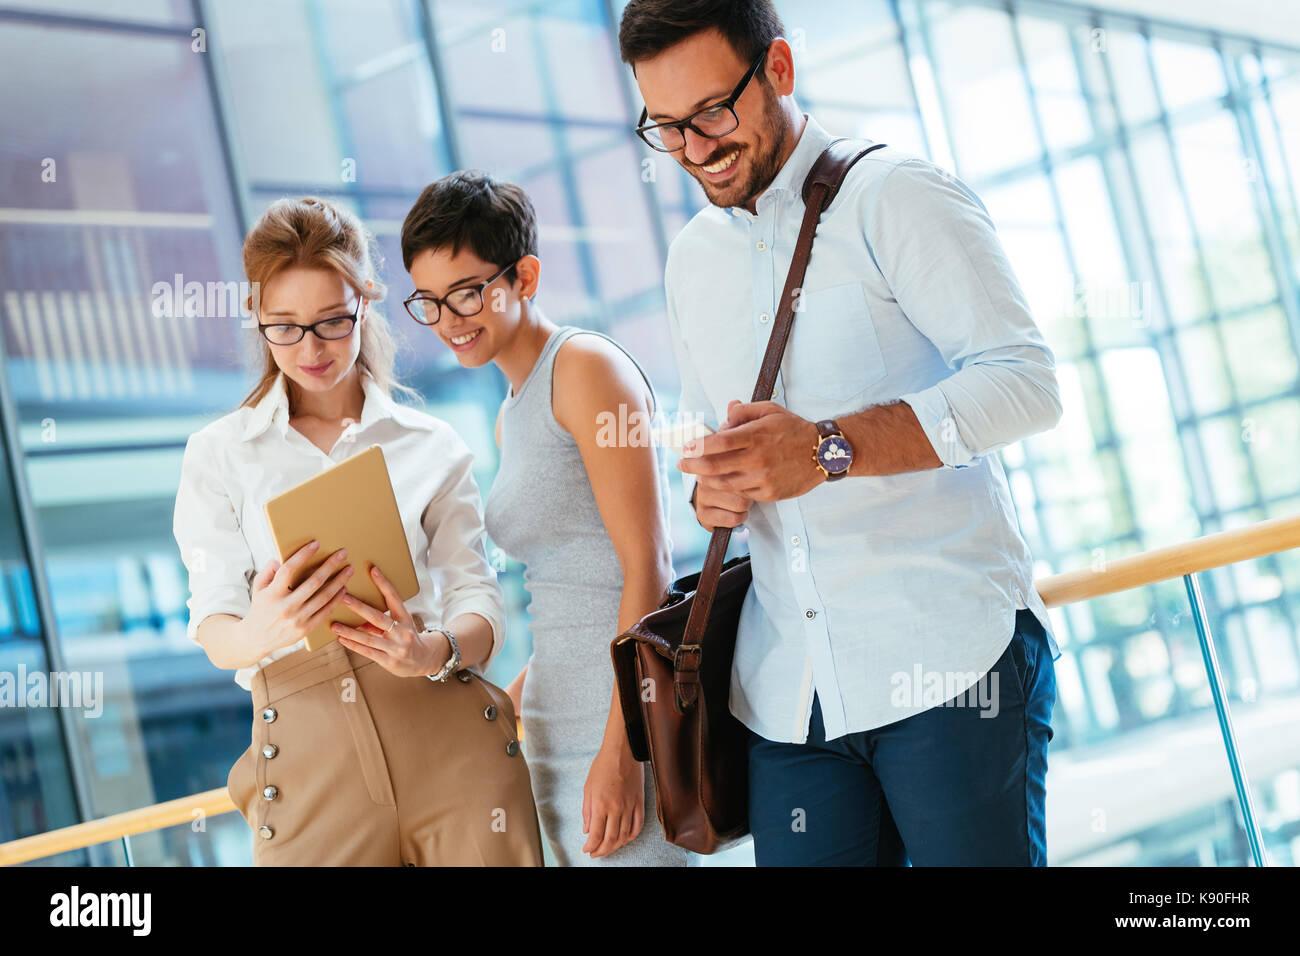 Ritratto di imprenditori aventi tempo libero dal lavoro Immagini Stock